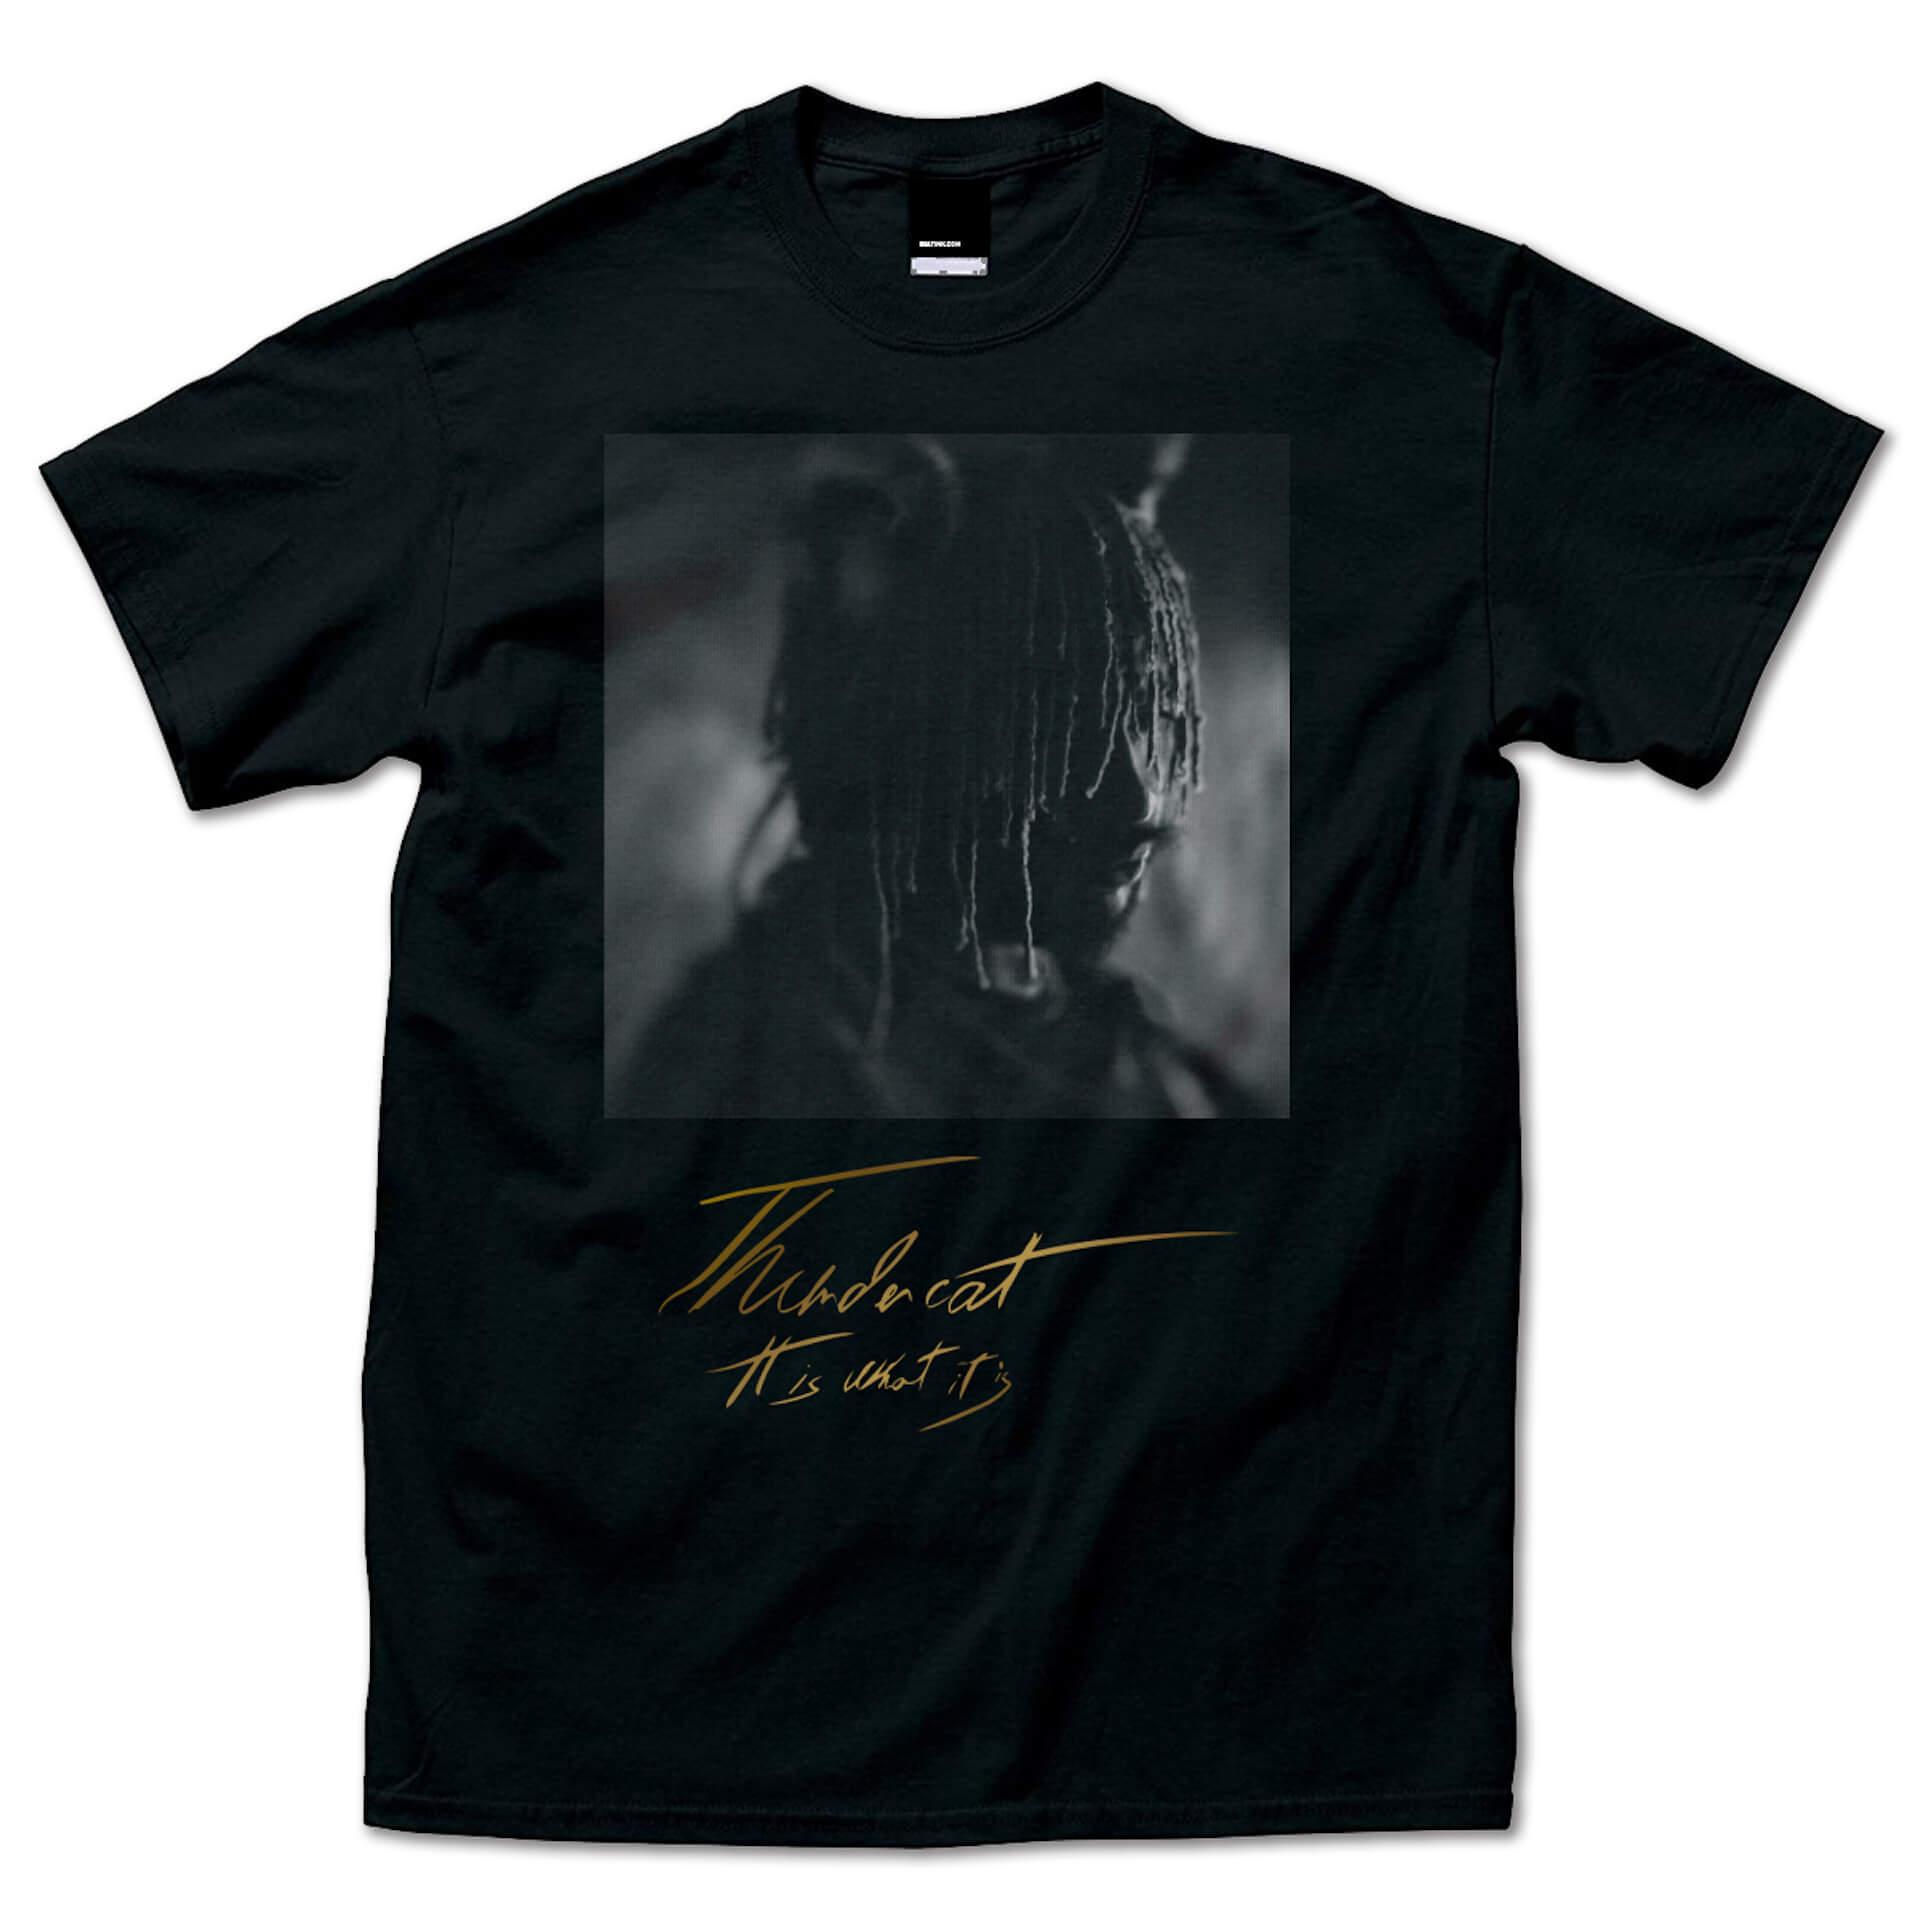 サンダーキャット話題の新作『It Is What It Is』の限定Tシャツセットデザインが公開|4種展開のLPプロダクトショットも解禁 music200129_thundercat_11